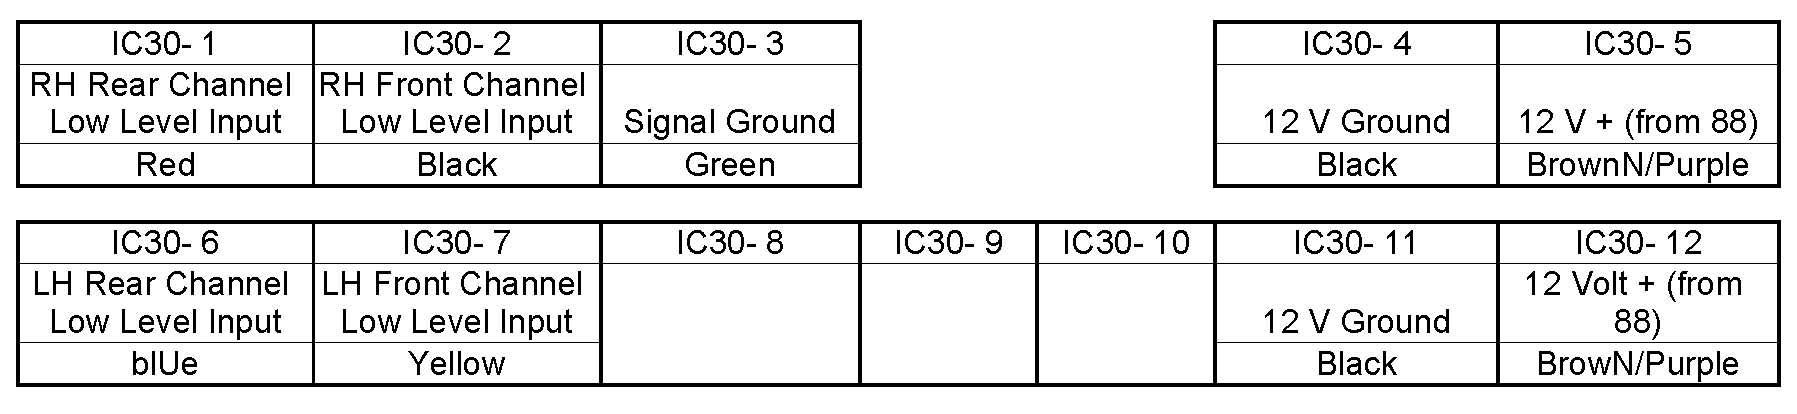 Pinout/Wring diagramm for HK Power Amp (LNA4170AB)? - Jaguar Forums